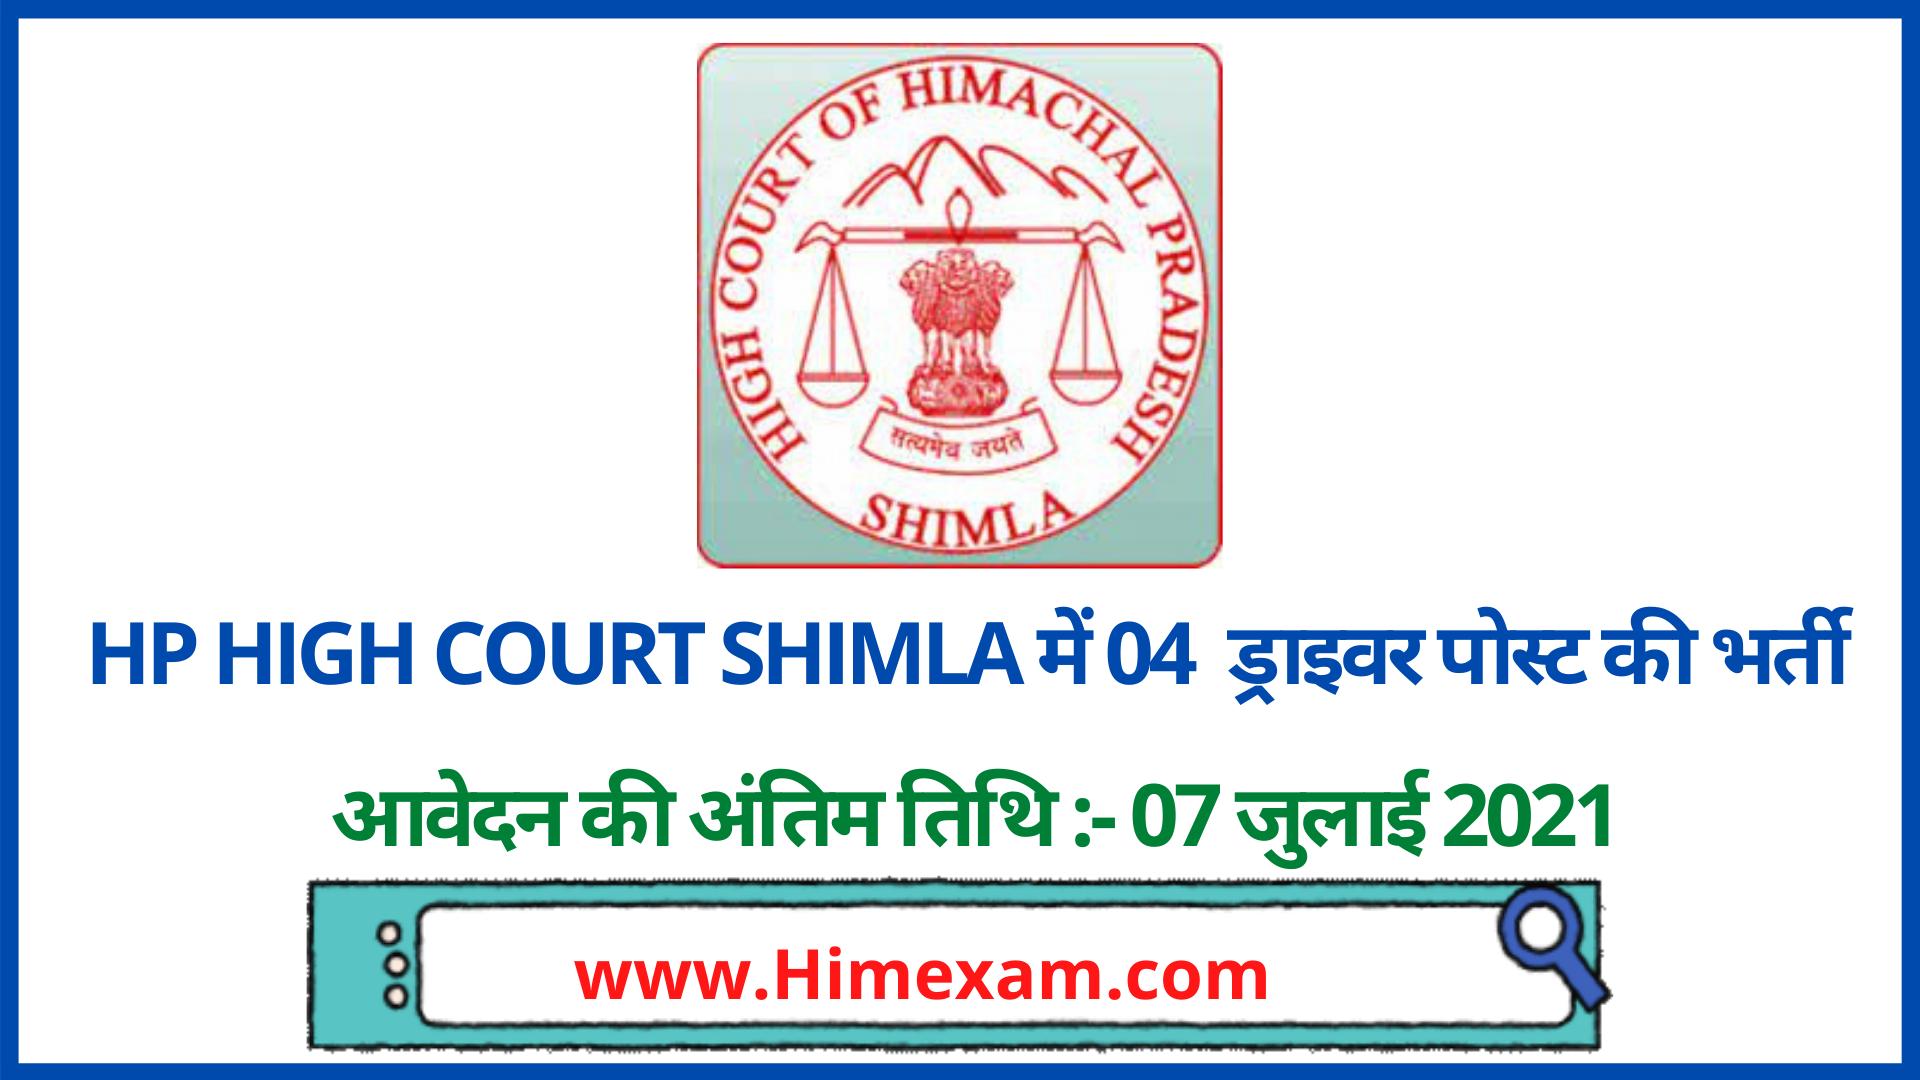 HP High Court Recruitment 2021-04 Driver Posts